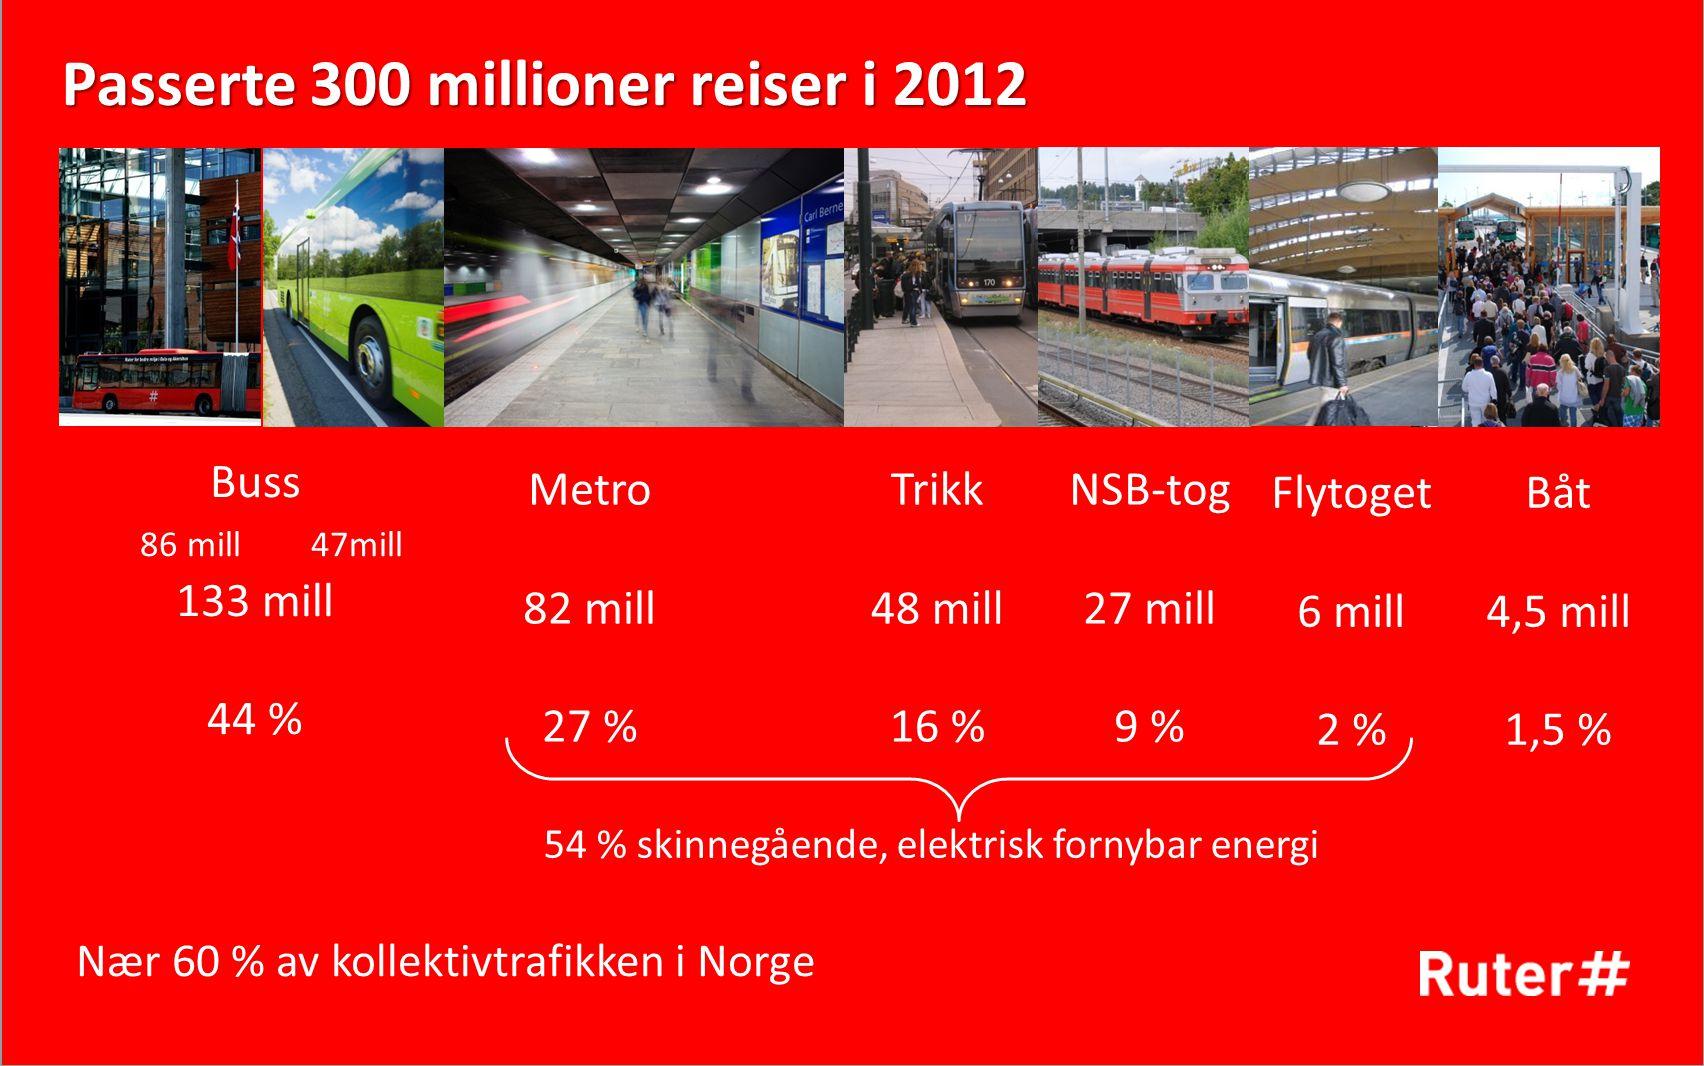 Passerte 300 millioner reiser i 2012 Buss 86 mill 47mill 133 mill 44 % Metro 82 mill 27 % Trikk 48 mill 16 % NSB-tog 27 mill 9 % Båt 4,5 mill 1,5 % 54 % skinnegående, elektrisk fornybar energi Nær 60 % av kollektivtrafikken i Norge Flytoget 6 mill 2 %